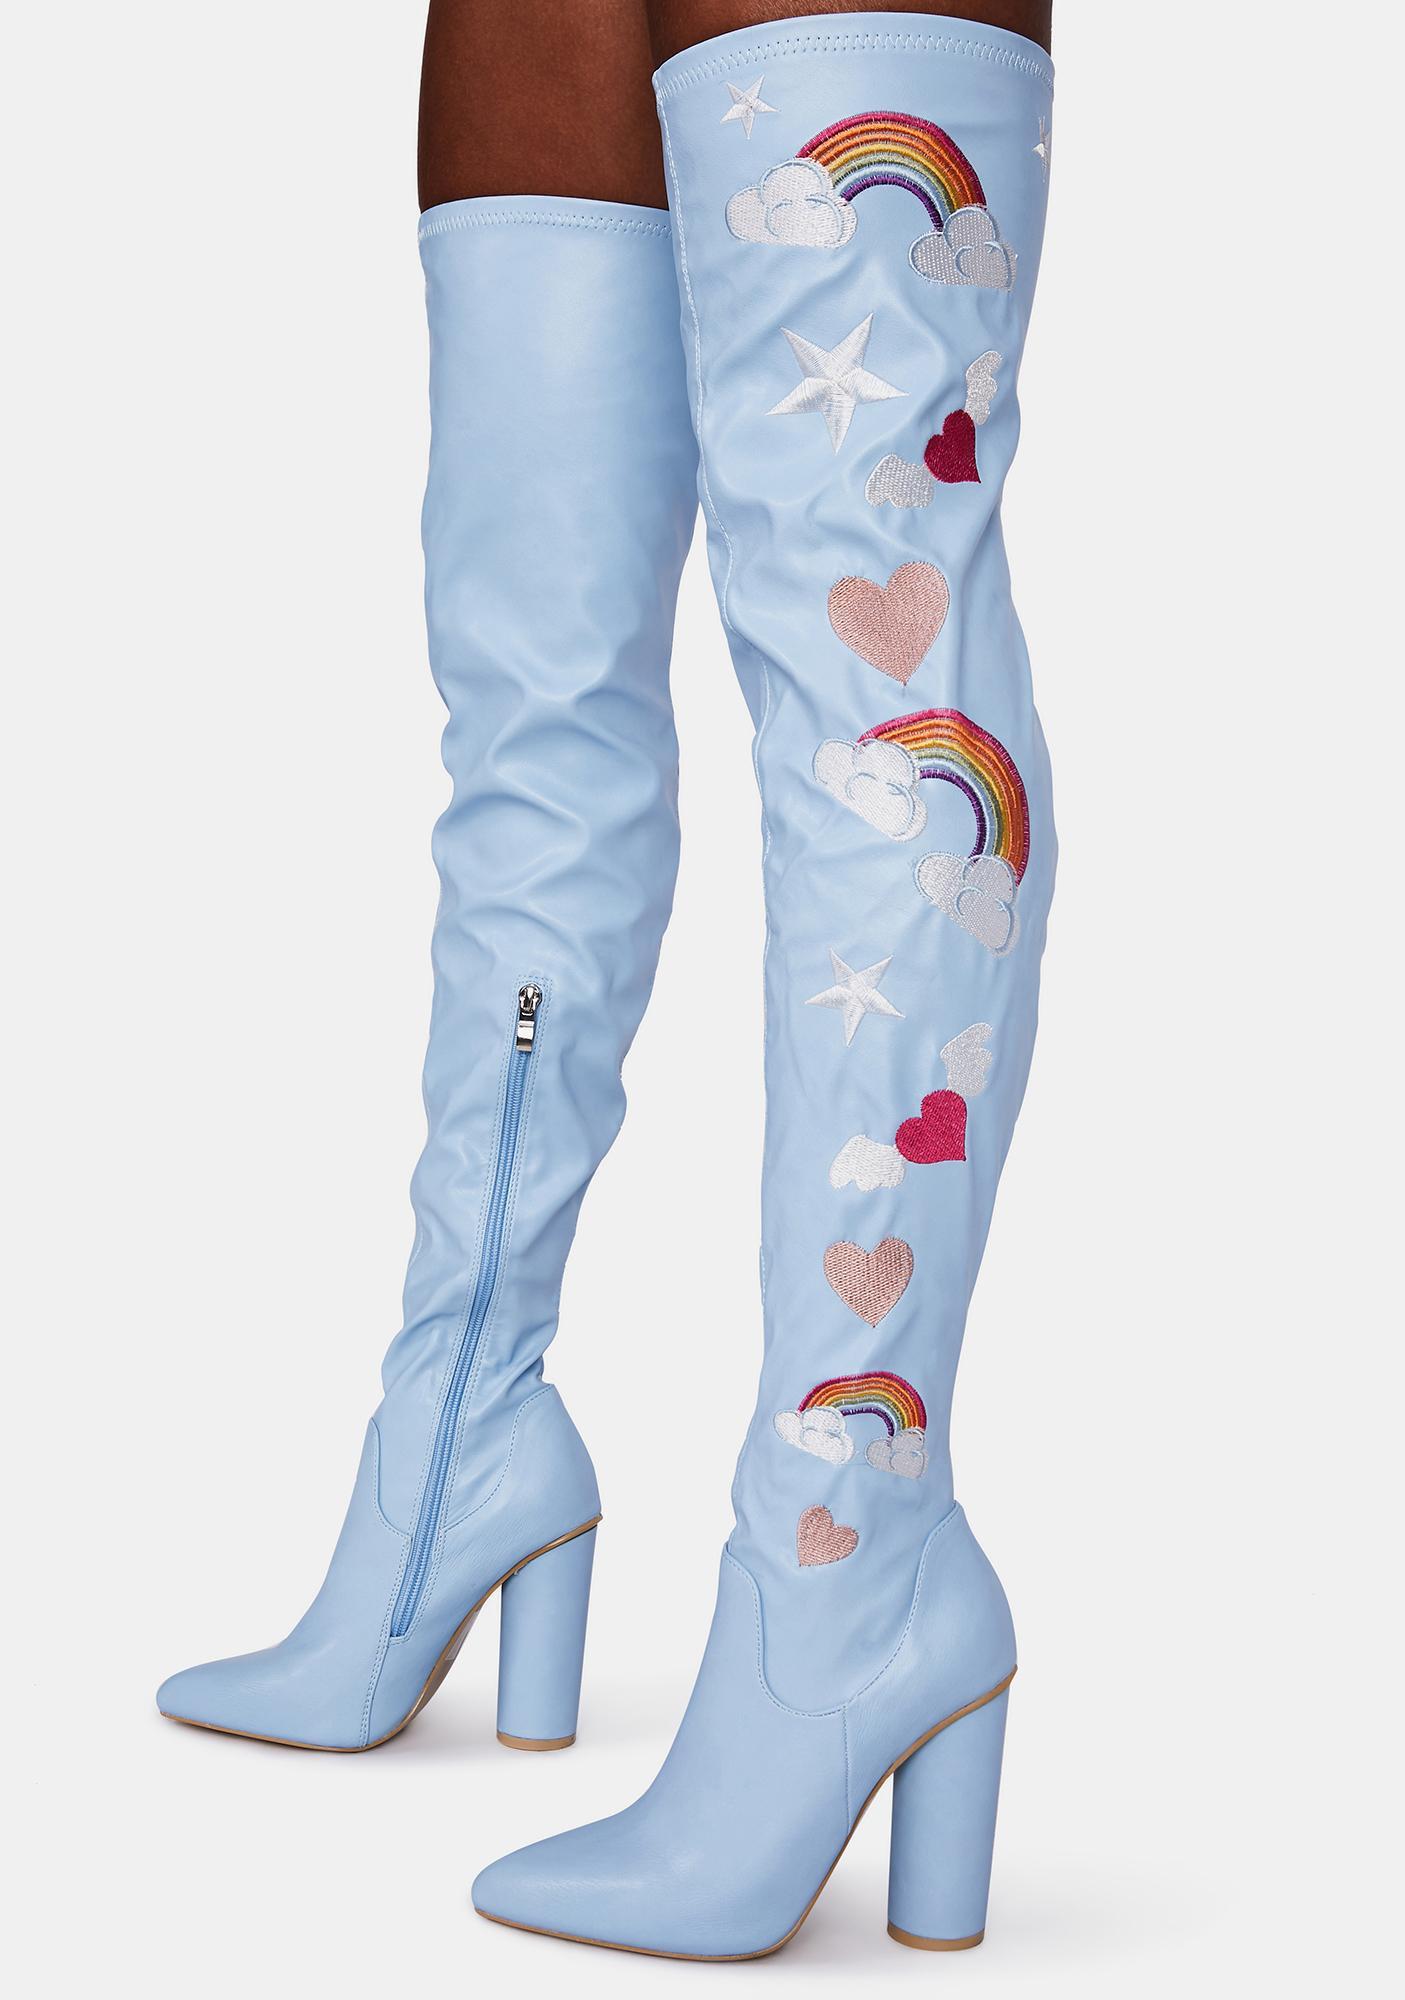 Koi Footwear Light Blue Rainbow Heart Thigh High Boots